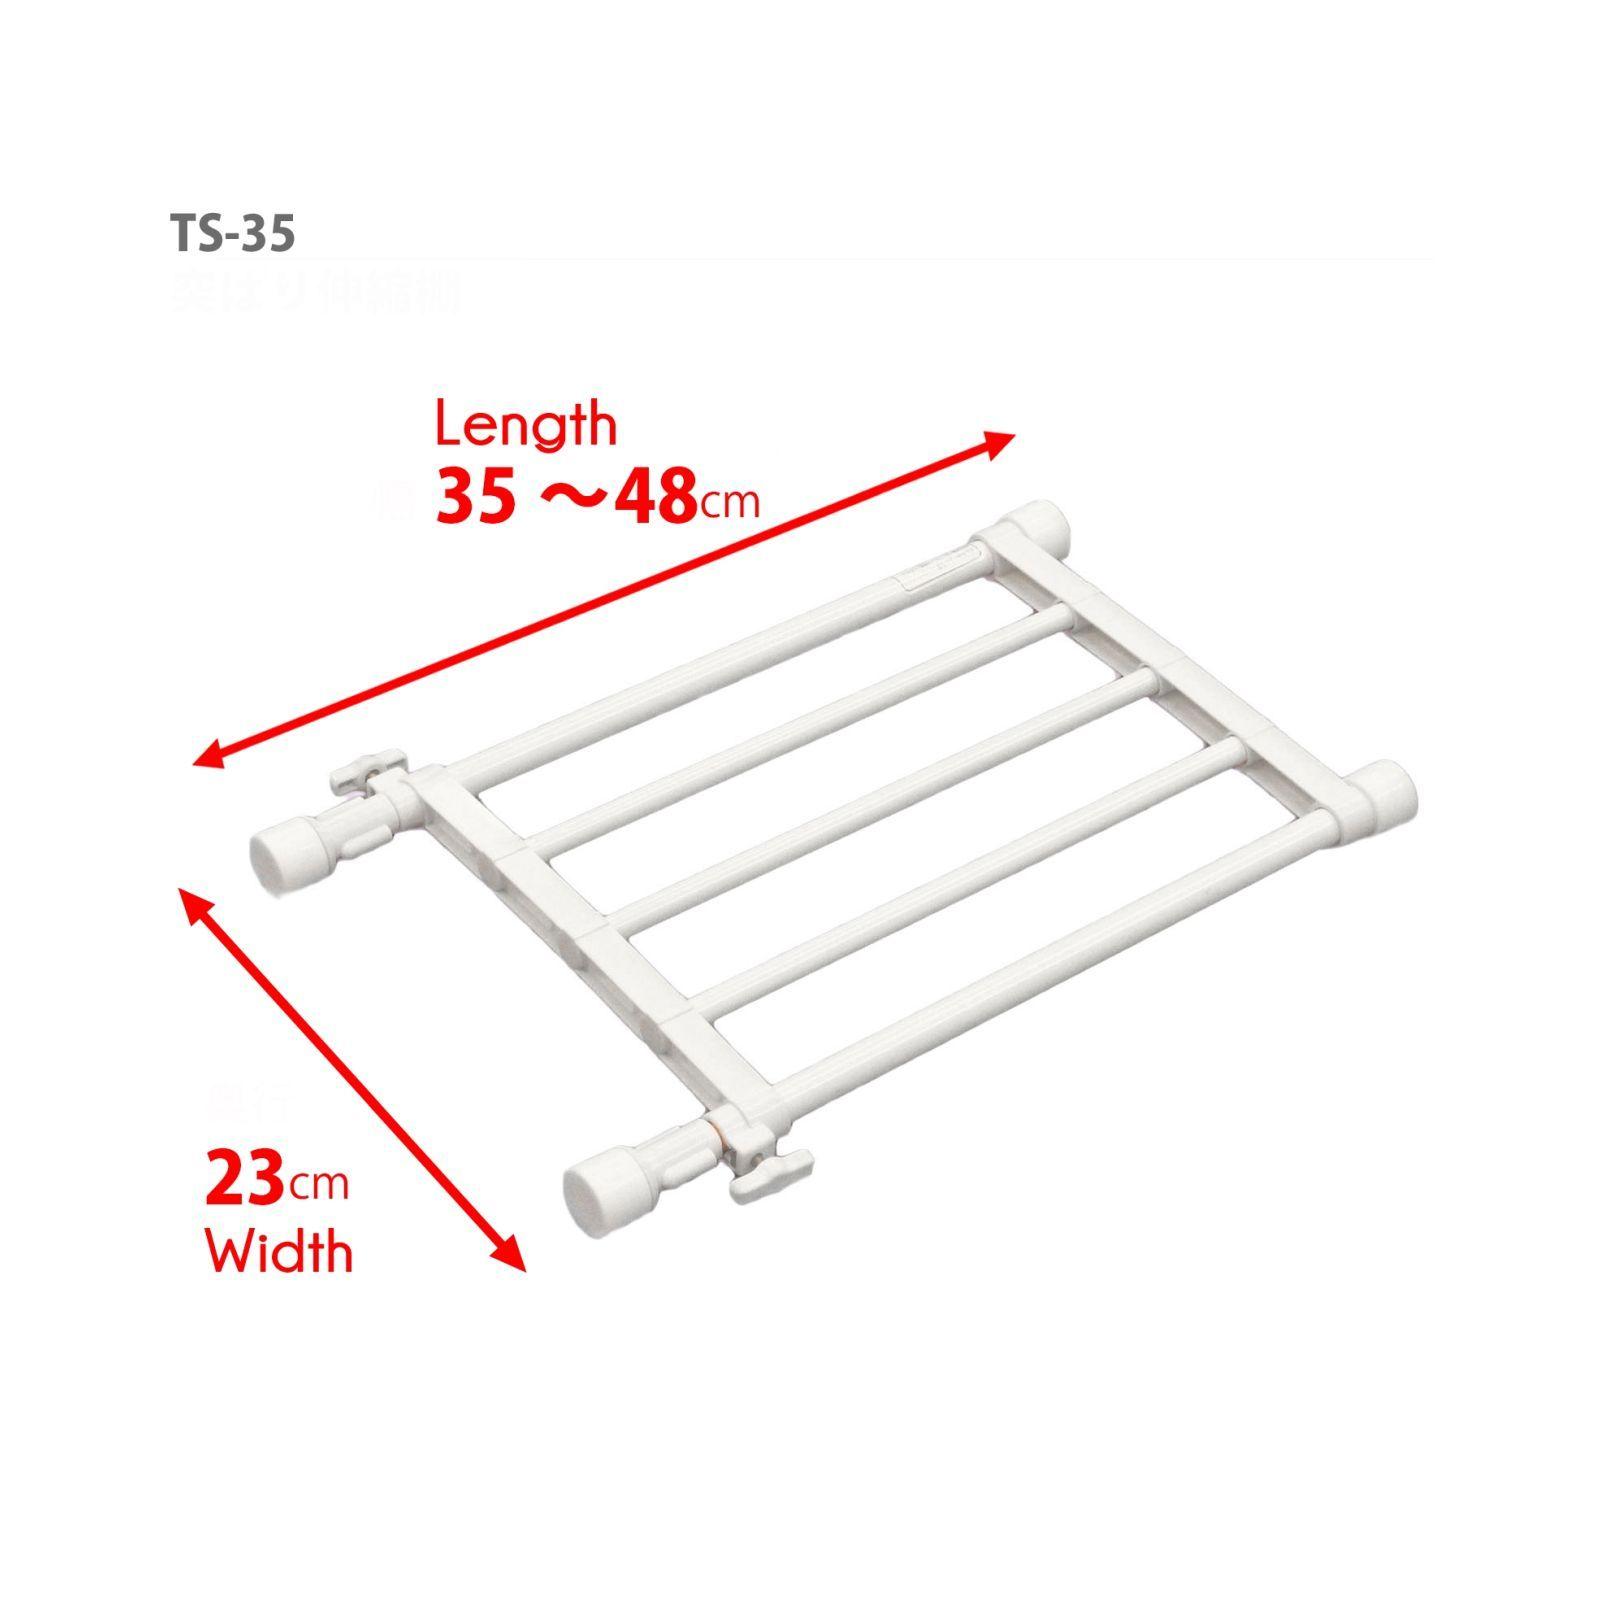 Hàng Nhật - Kệ chia ngăn không cần khoan vít Heian, 35cm kéo dài 48cm